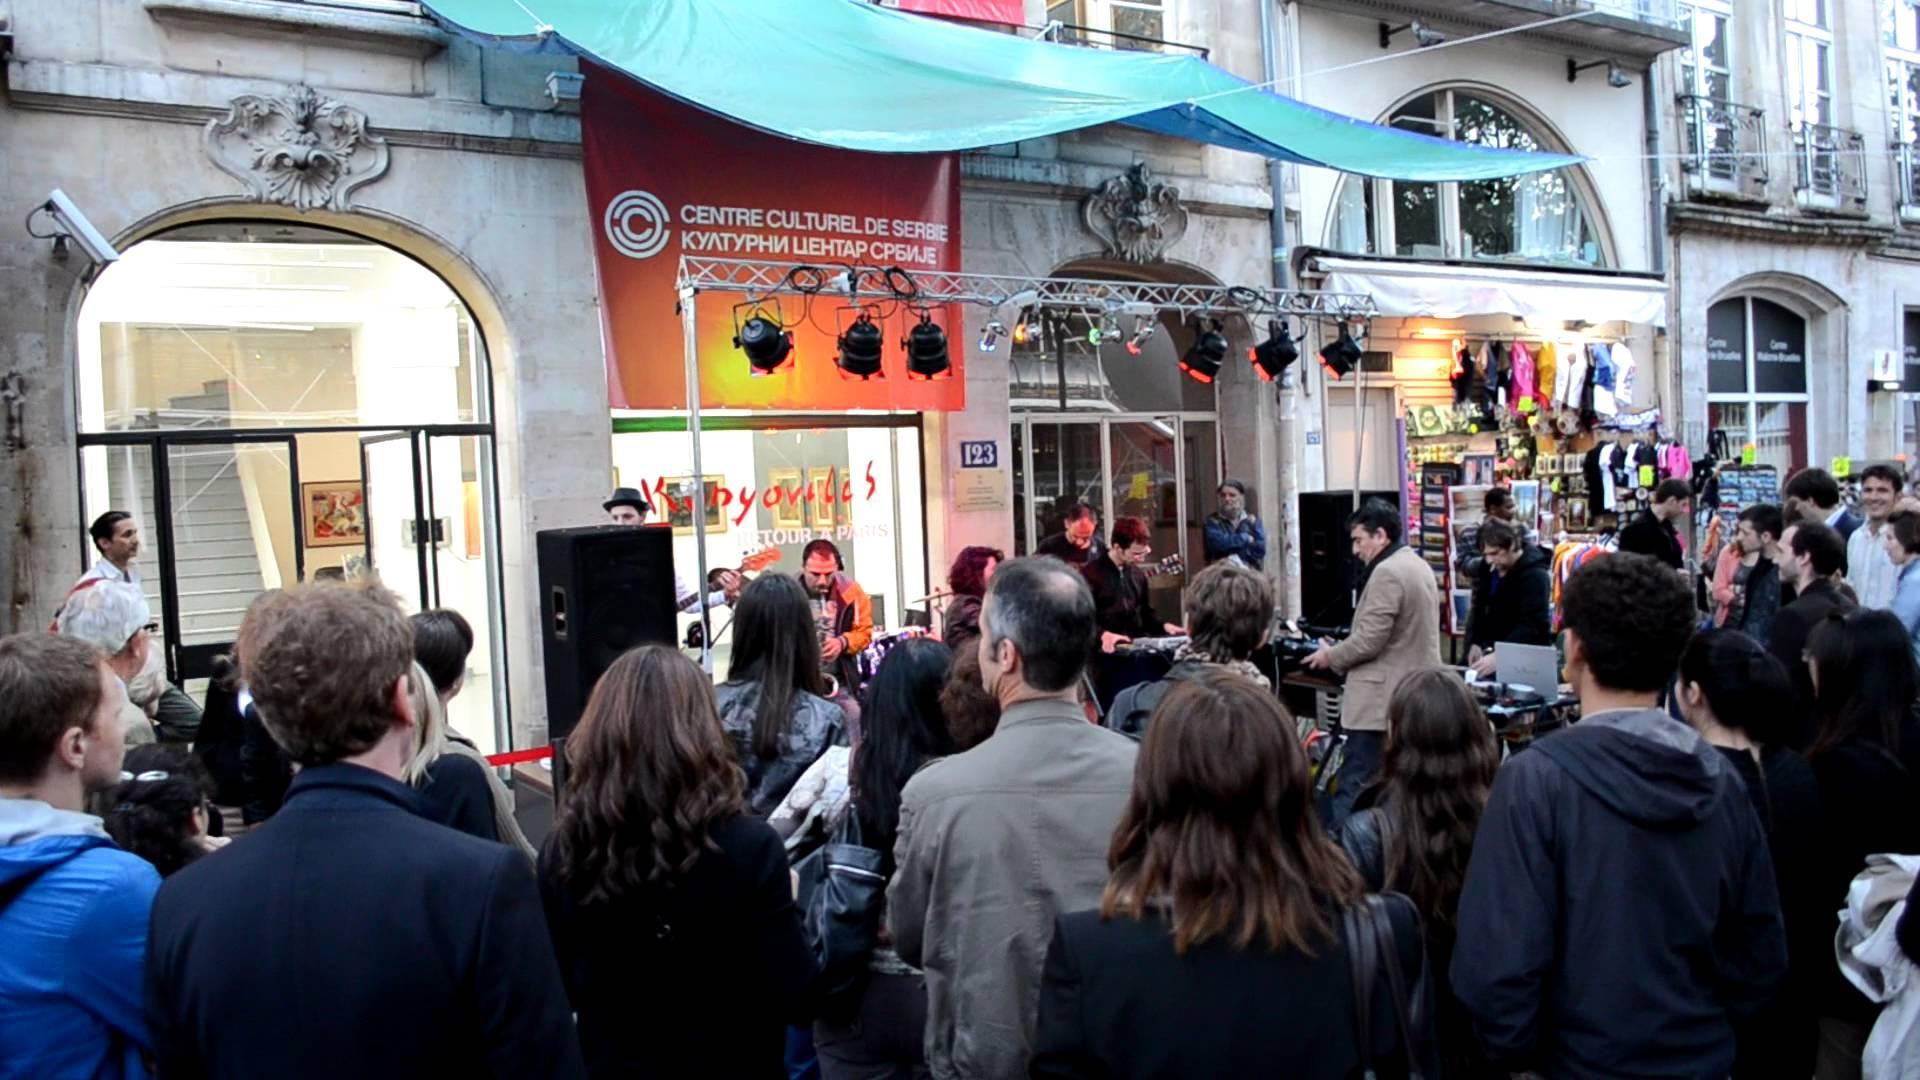 Raspisan Konkurs za programe u Kulturnom centru Srbije u Parizu